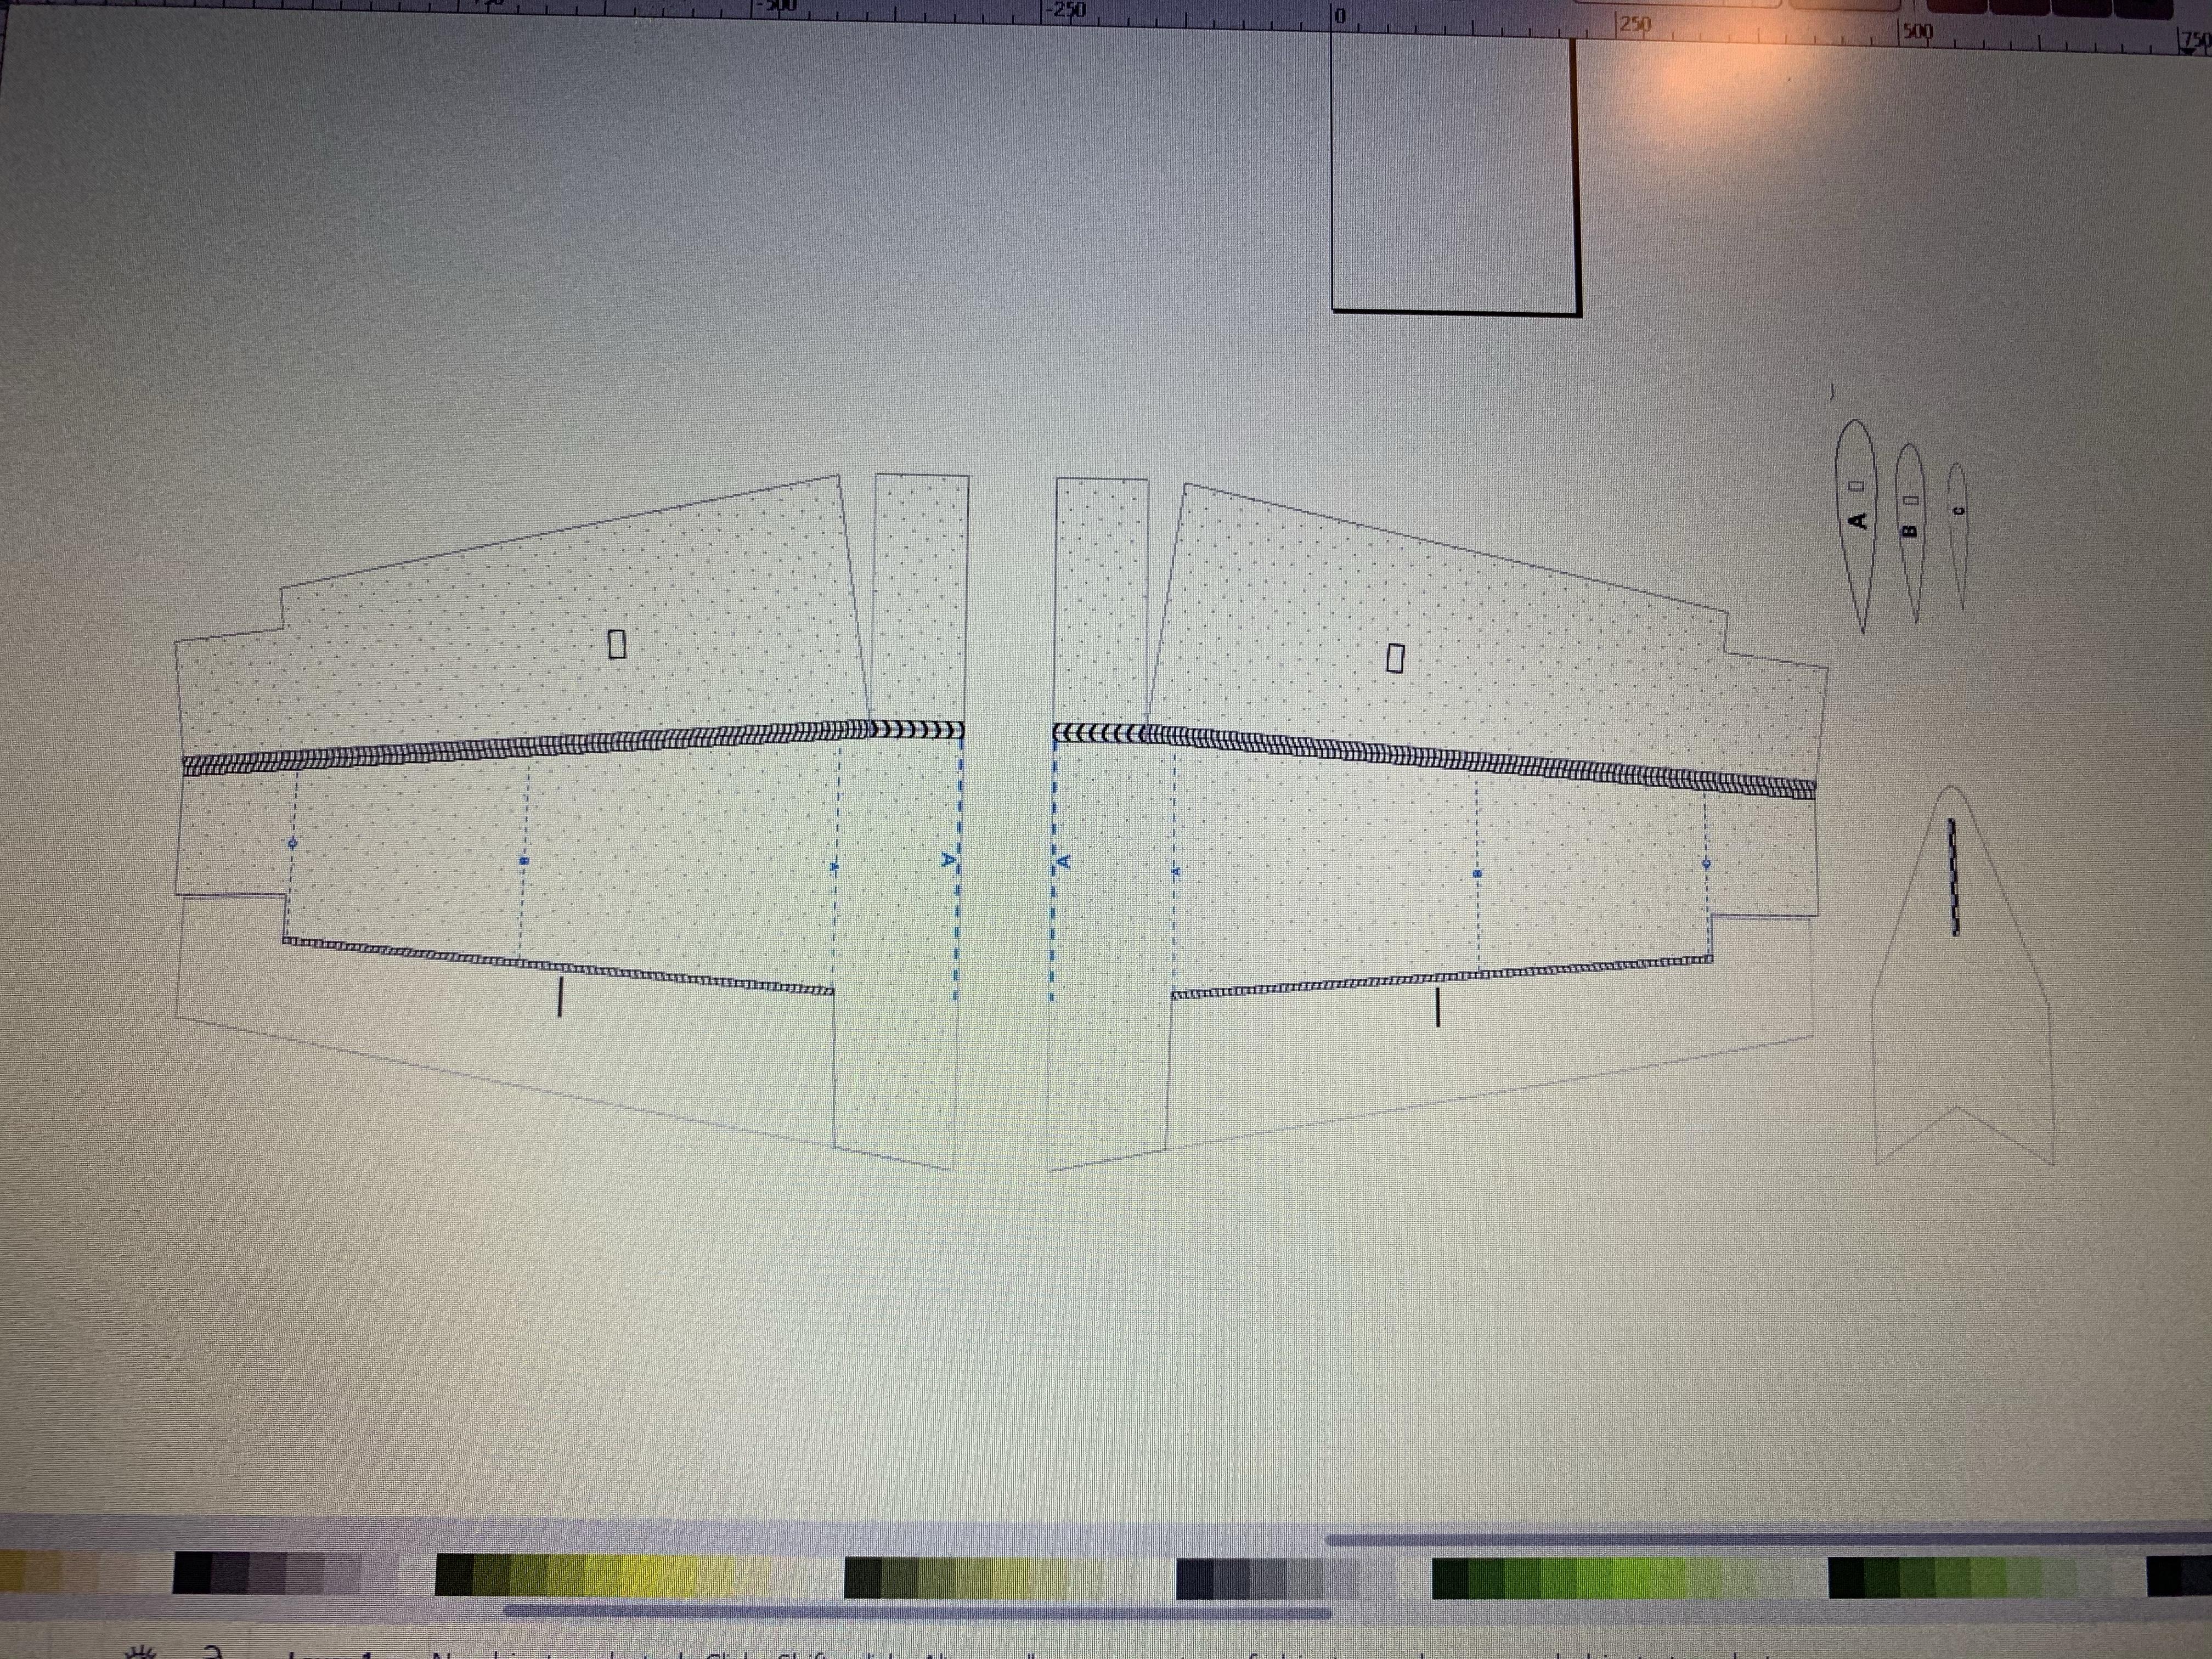 D5F45D40-30B9-4AF9-8CBF-DF951DBBDFC0.jpeg